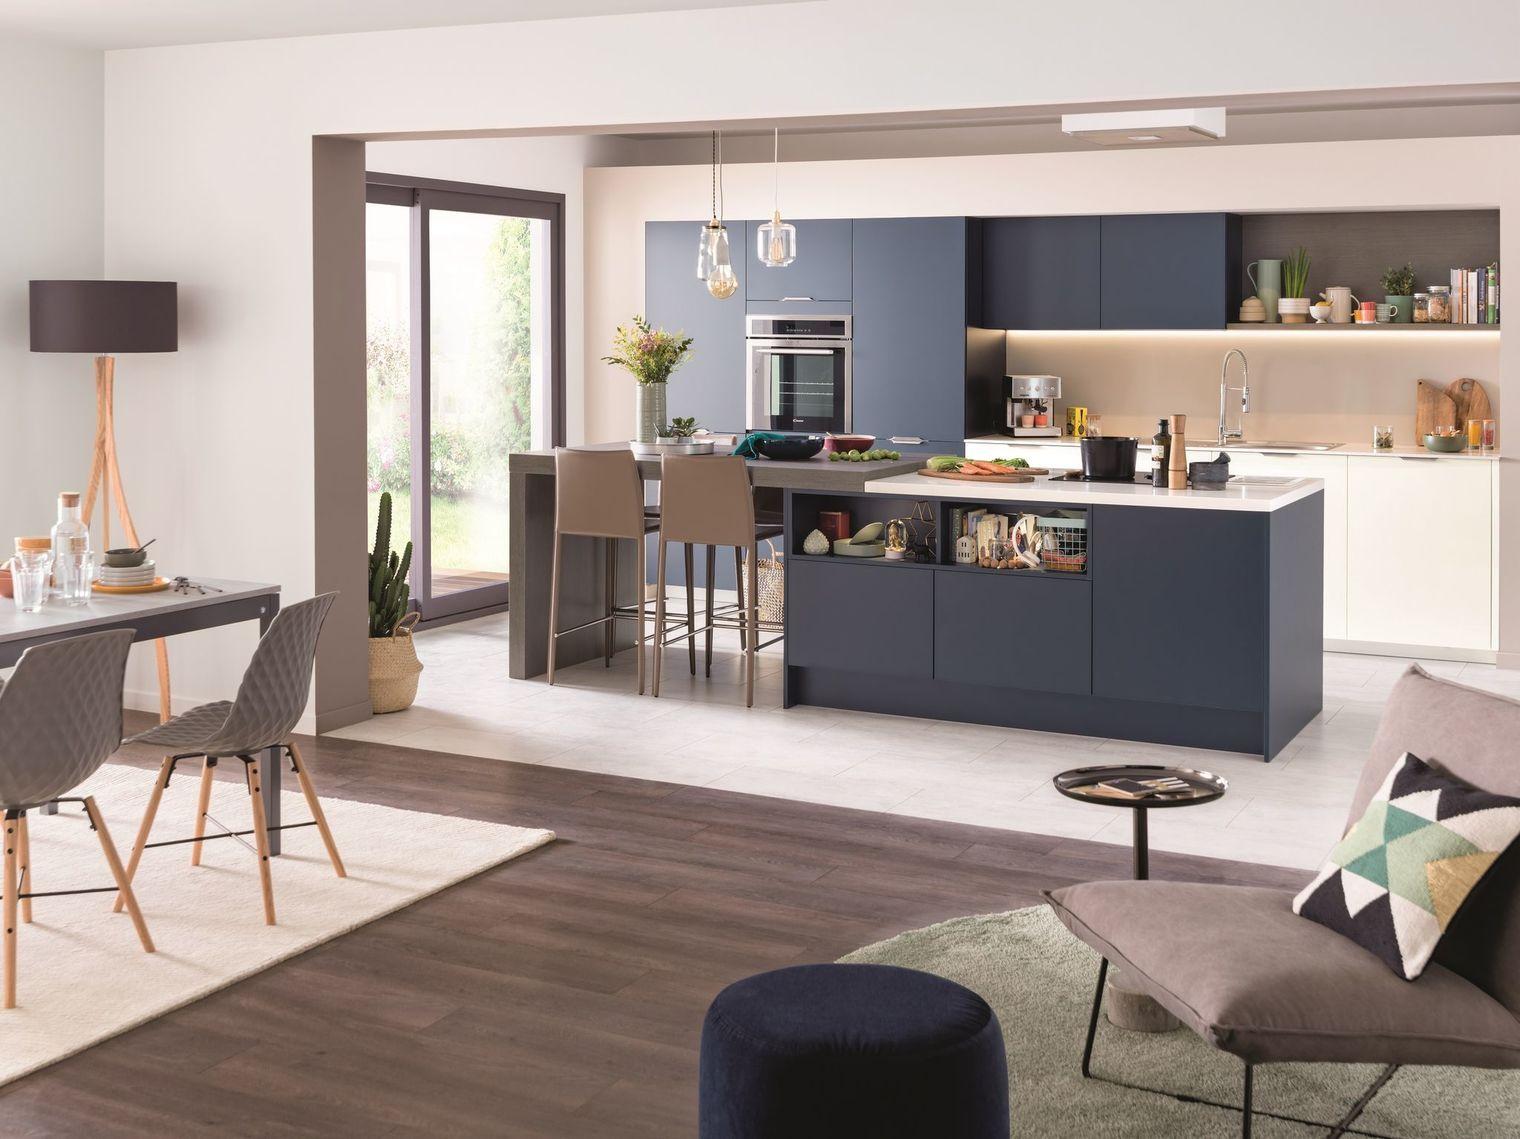 Cuisine ouverte 15 mod les de cuisiniste cuisine - Idee amenagement cuisine ouverte sur salon ...